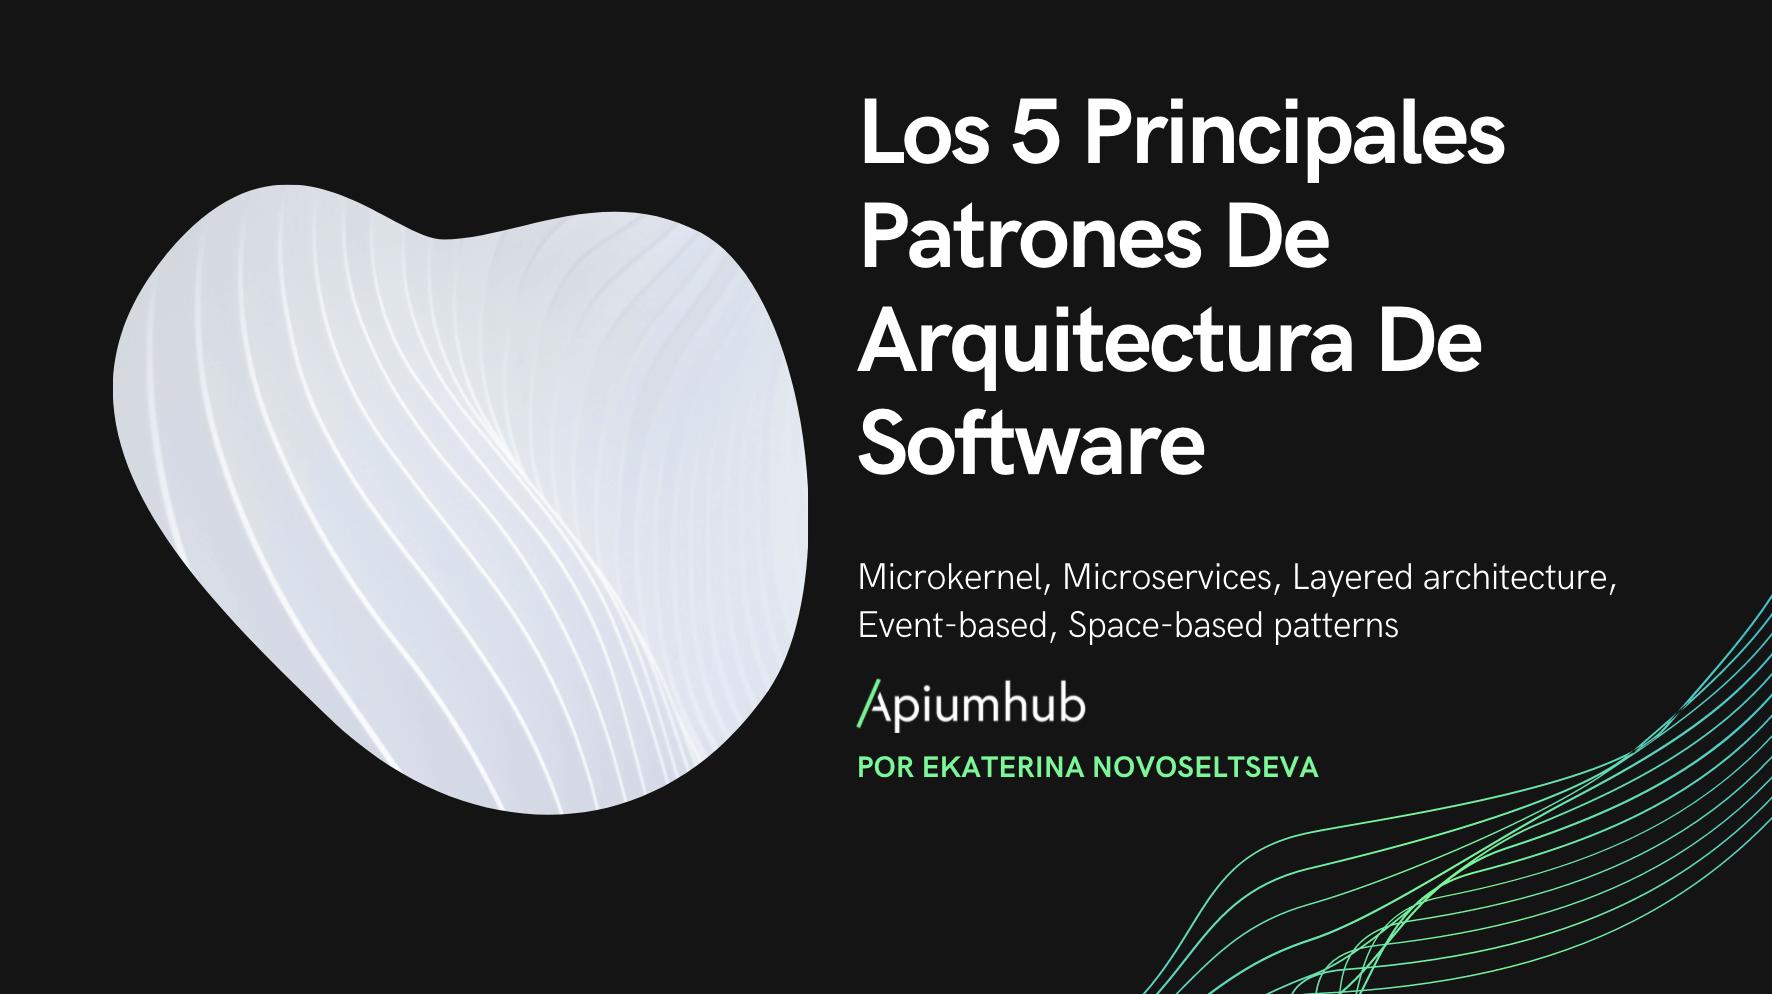 Los 5 principales patrones de Arquitectura de Software